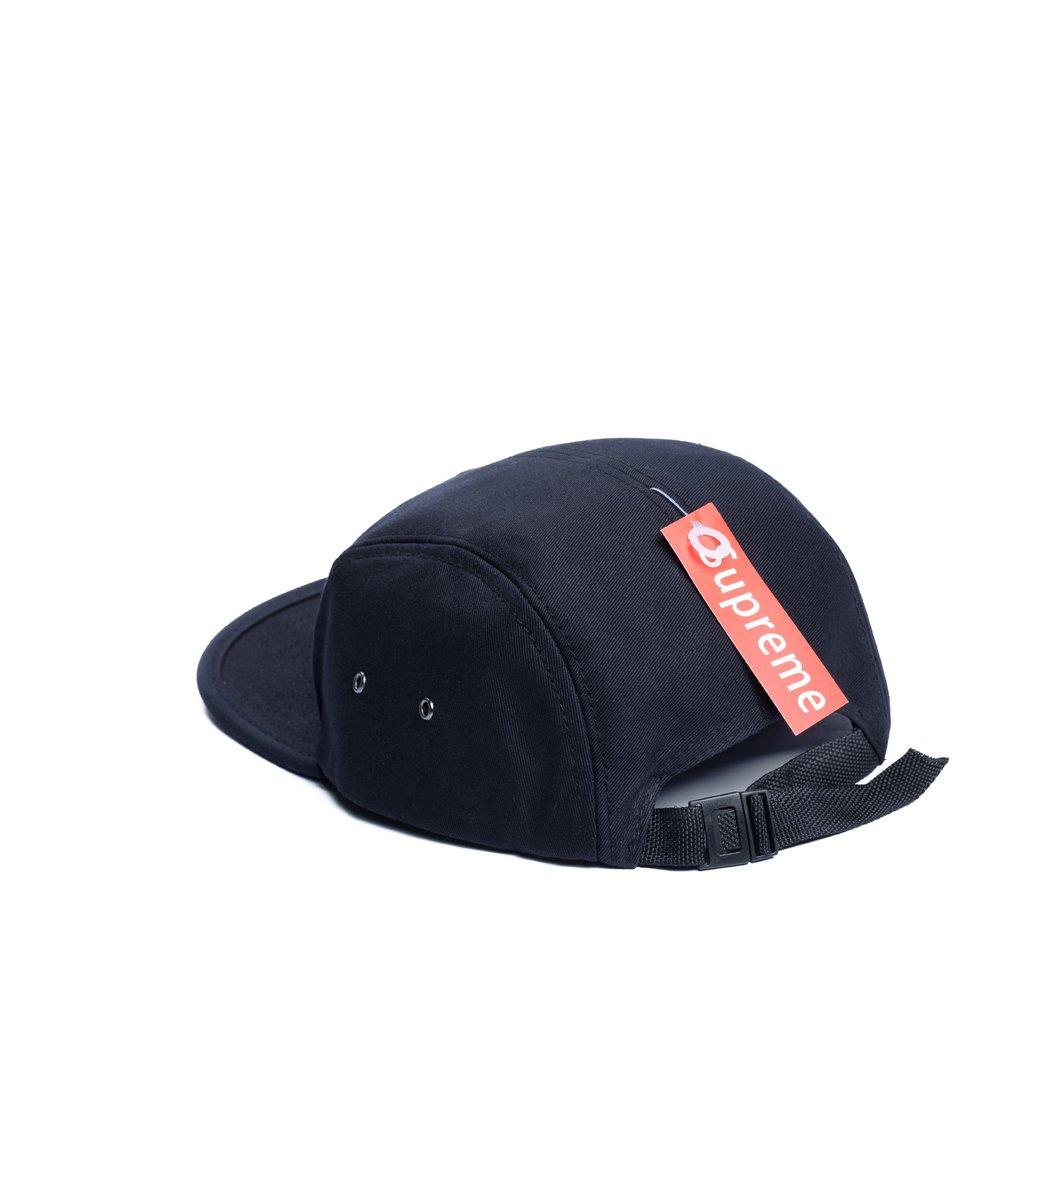 Кепка Supreme Classic (чёрный/чёрный)